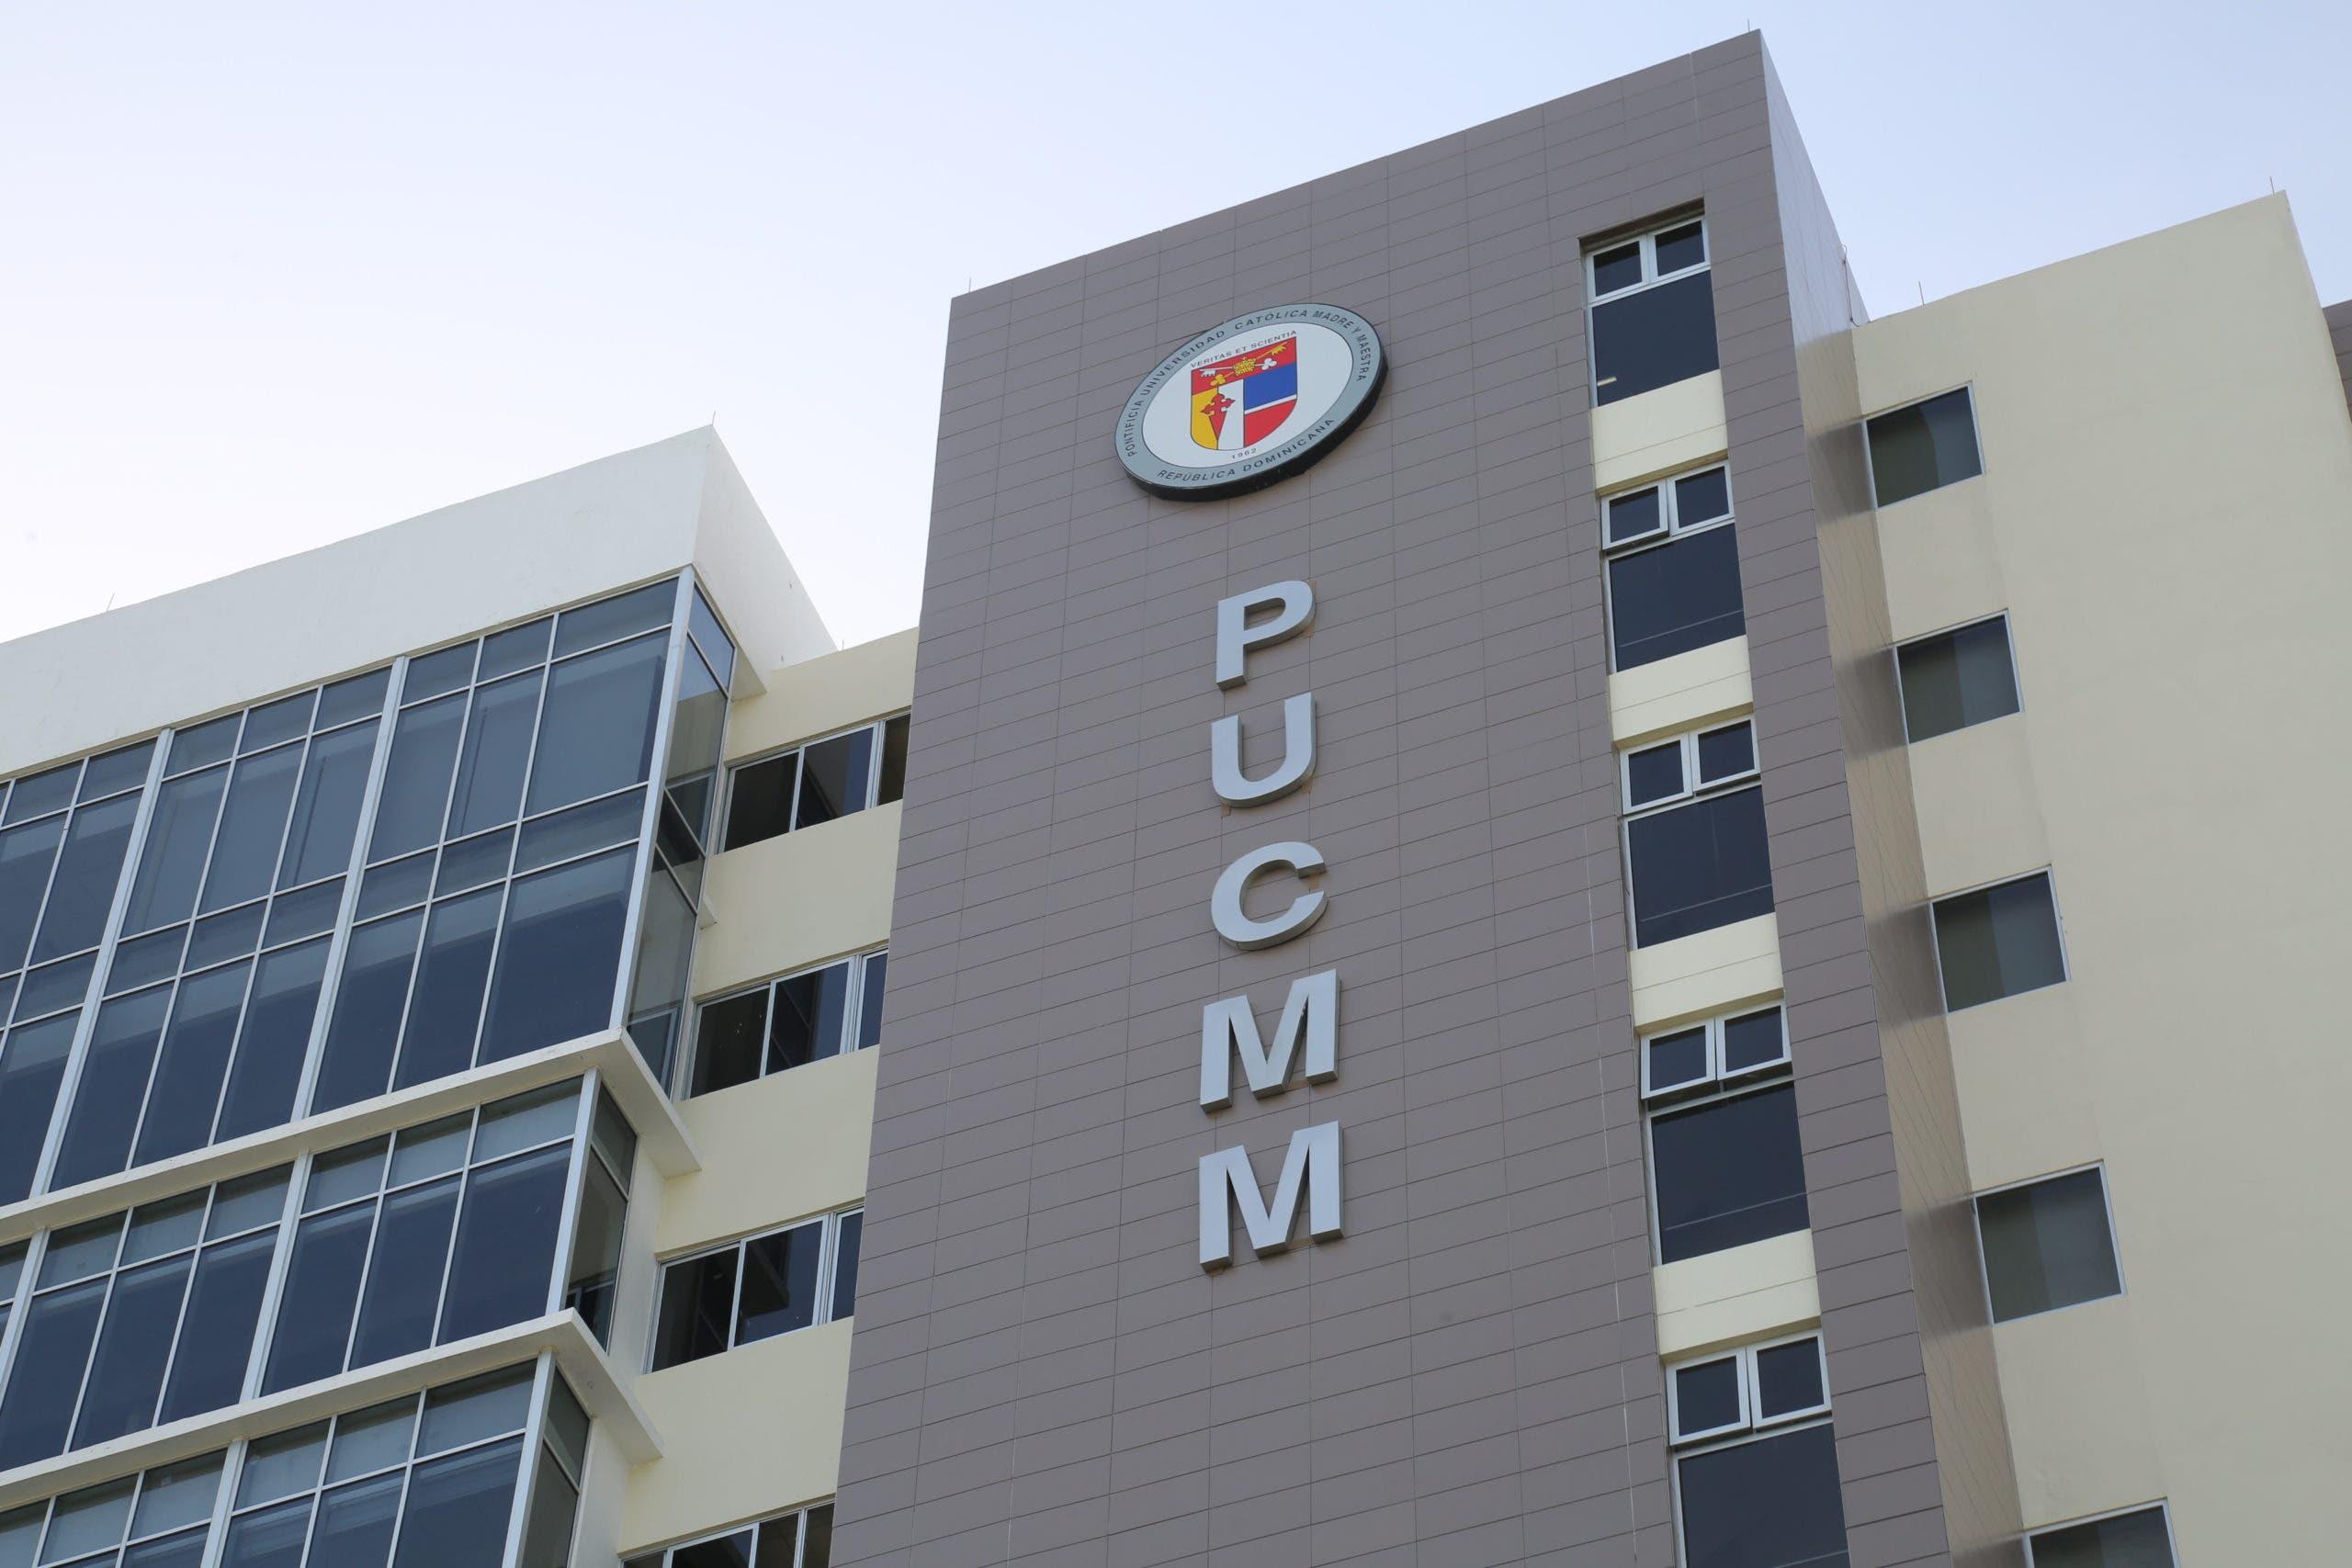 Vacunación exclusivamente por citas en centros PUCMM